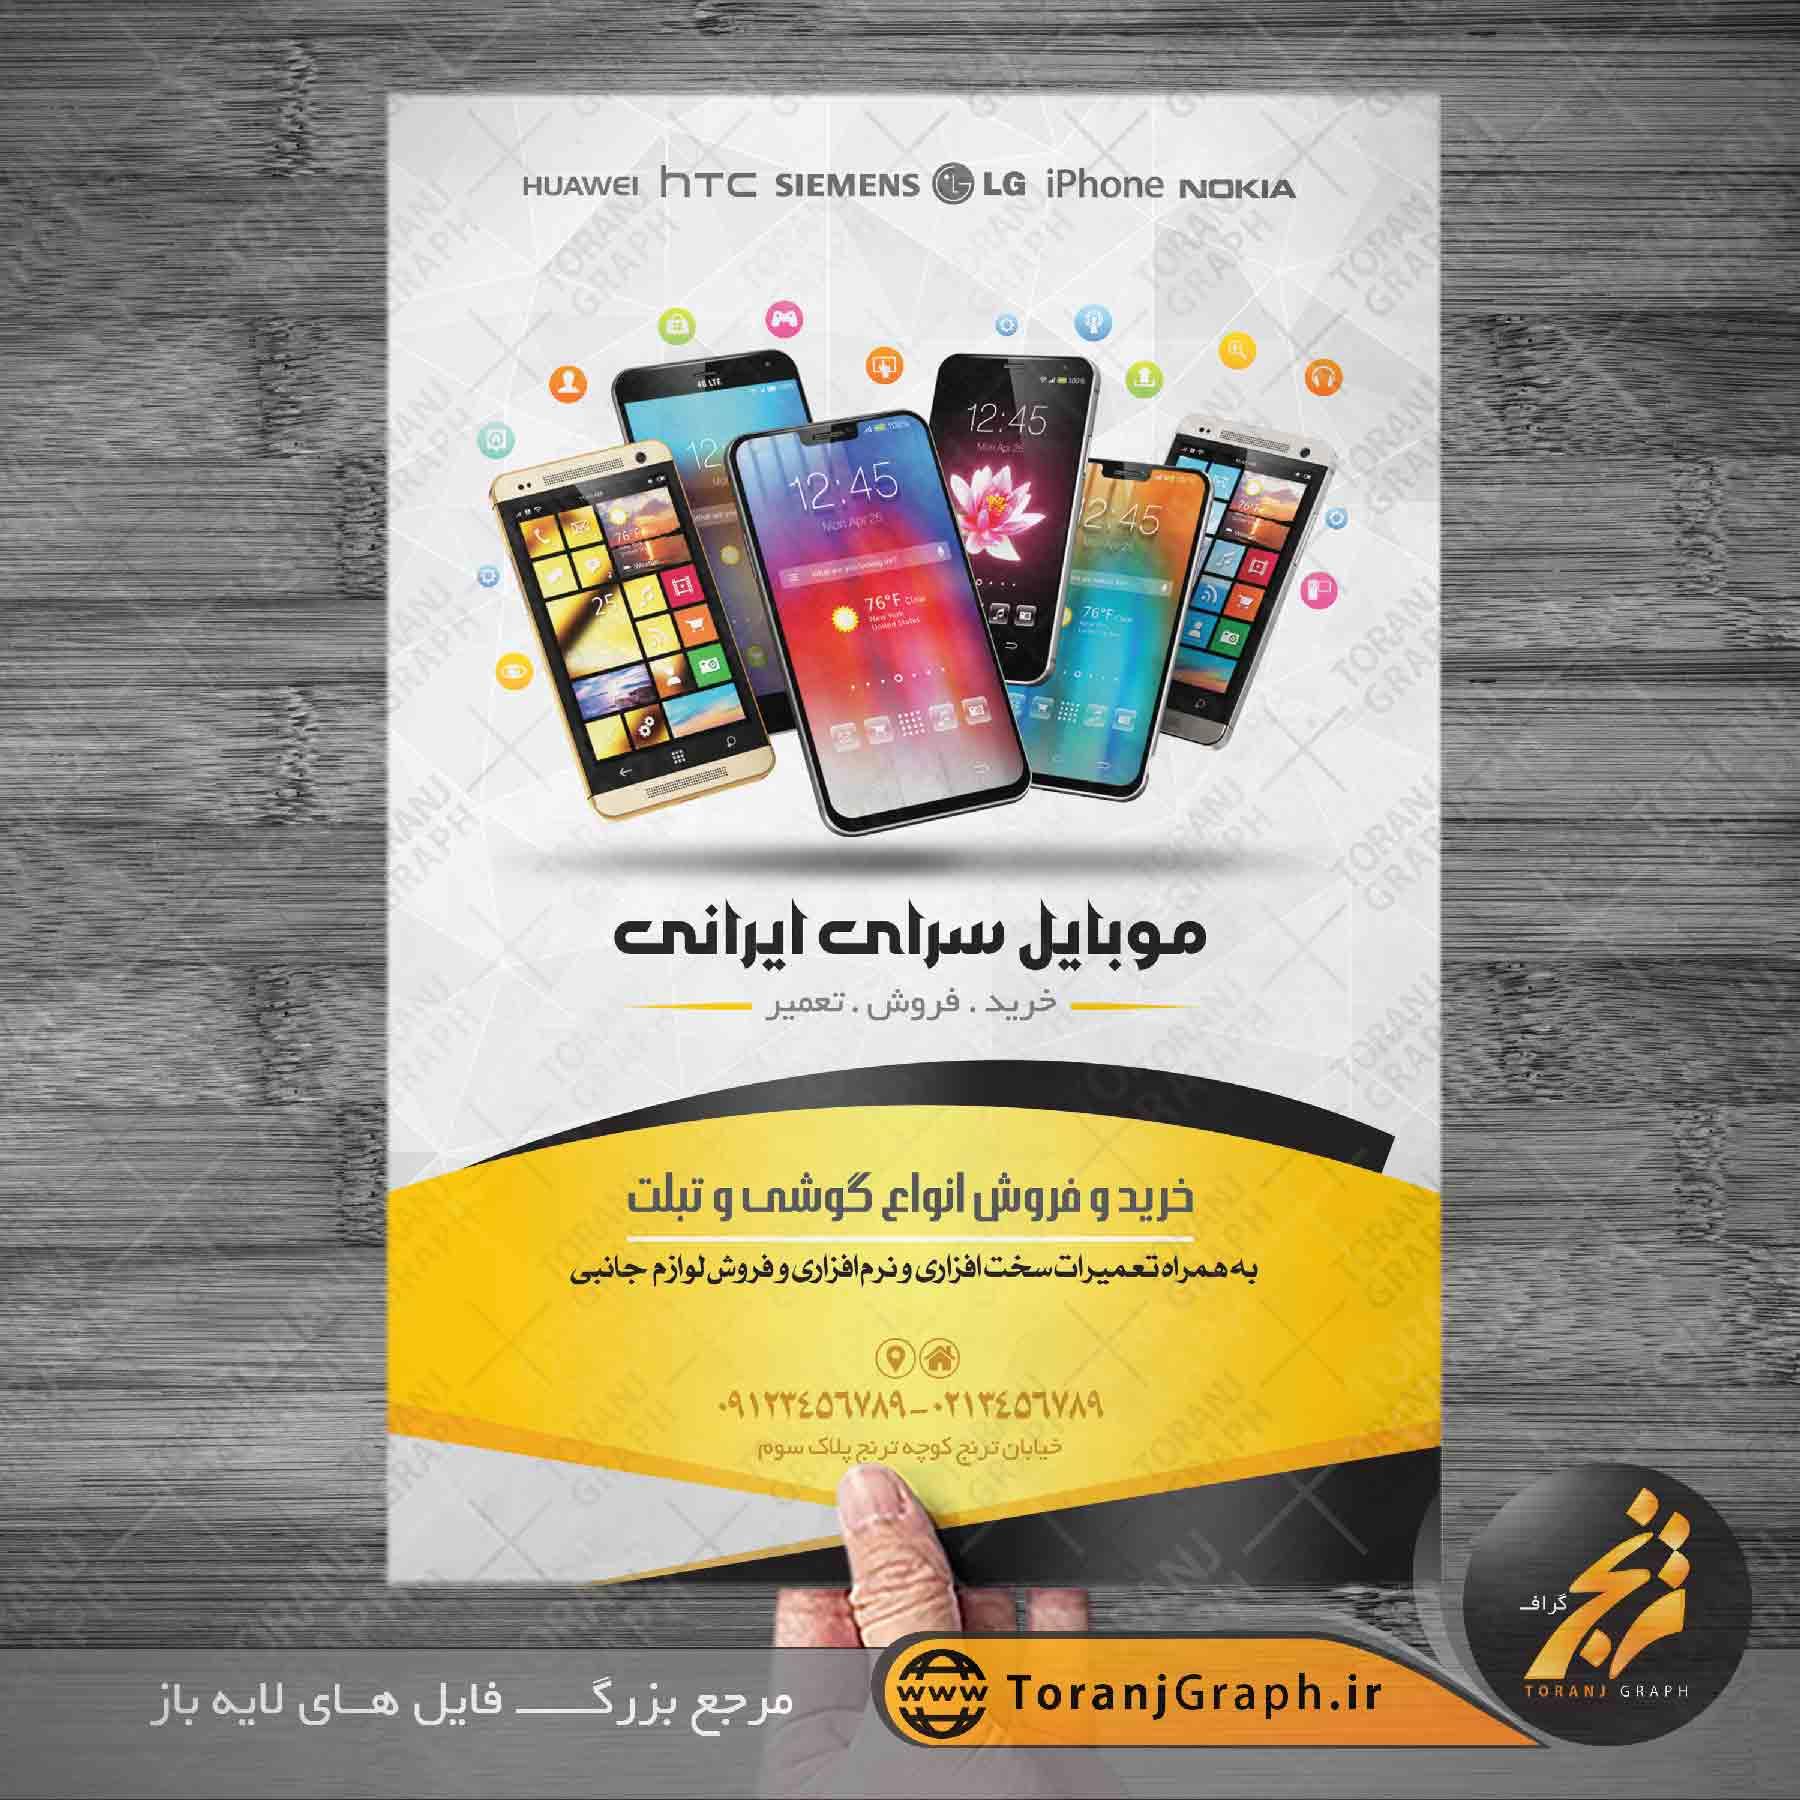 تراکت موبایل فروشی